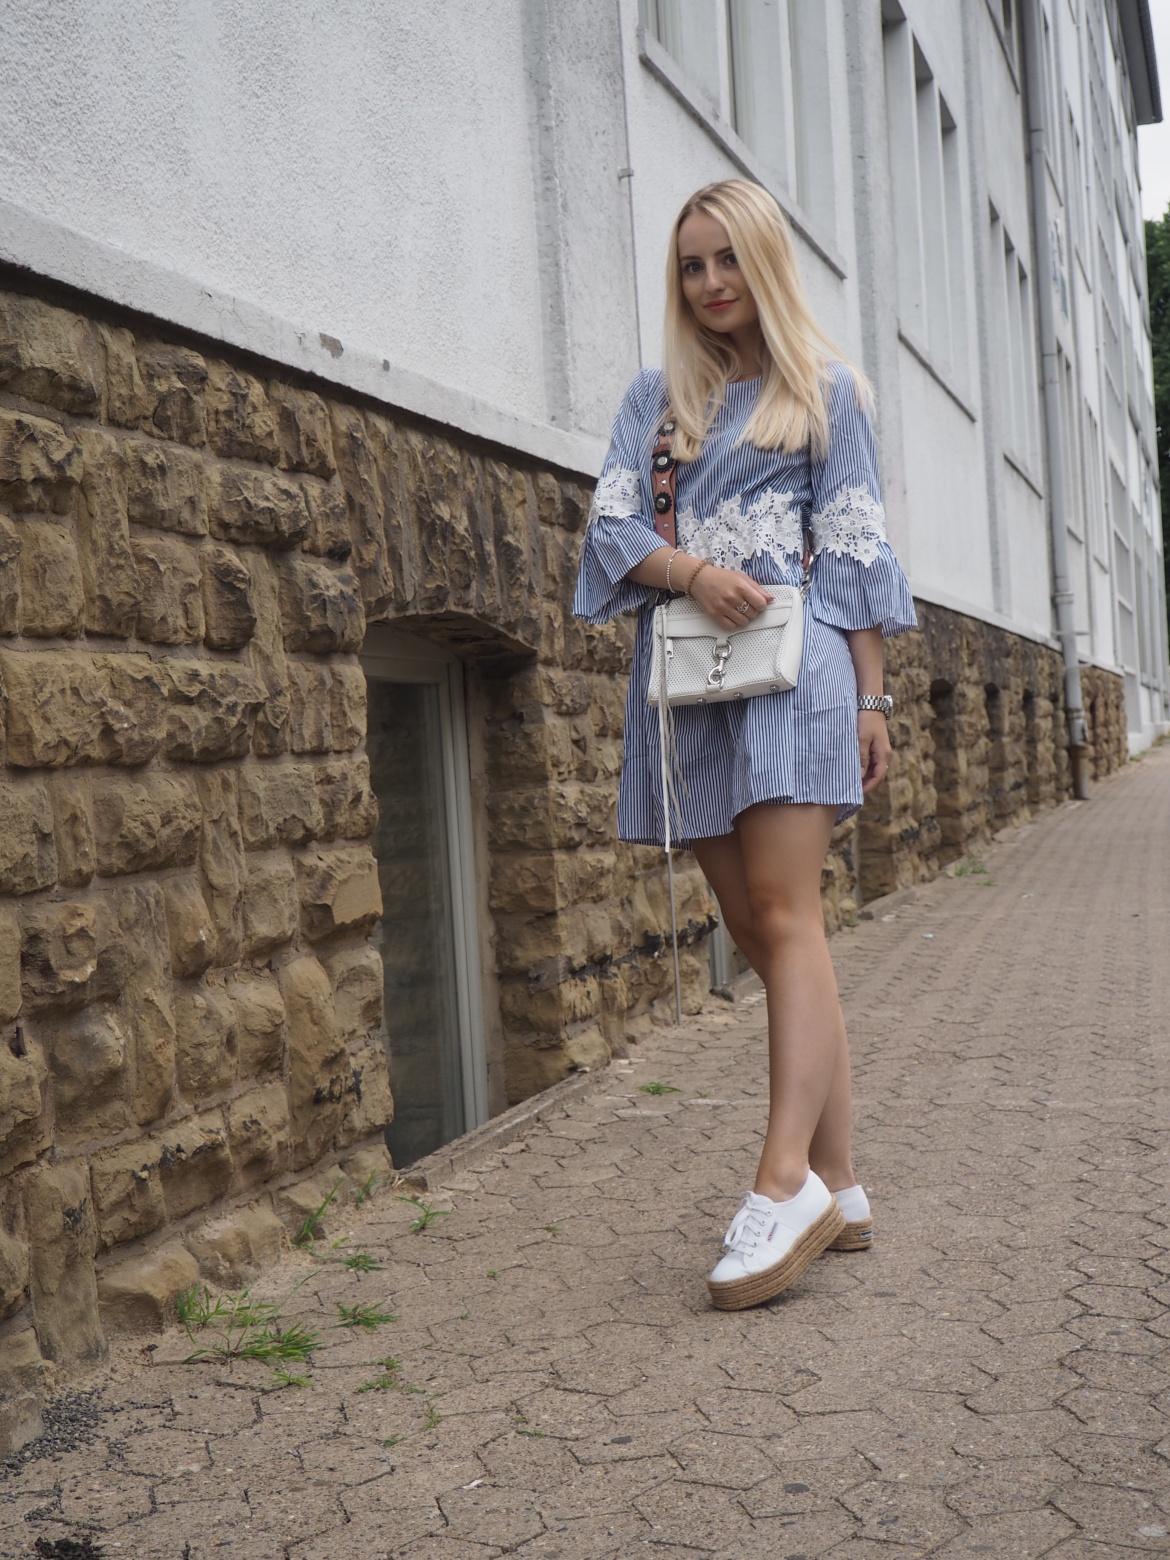 Sommerkleid mit Streifen und Spitze - New Look KIM ENGEL